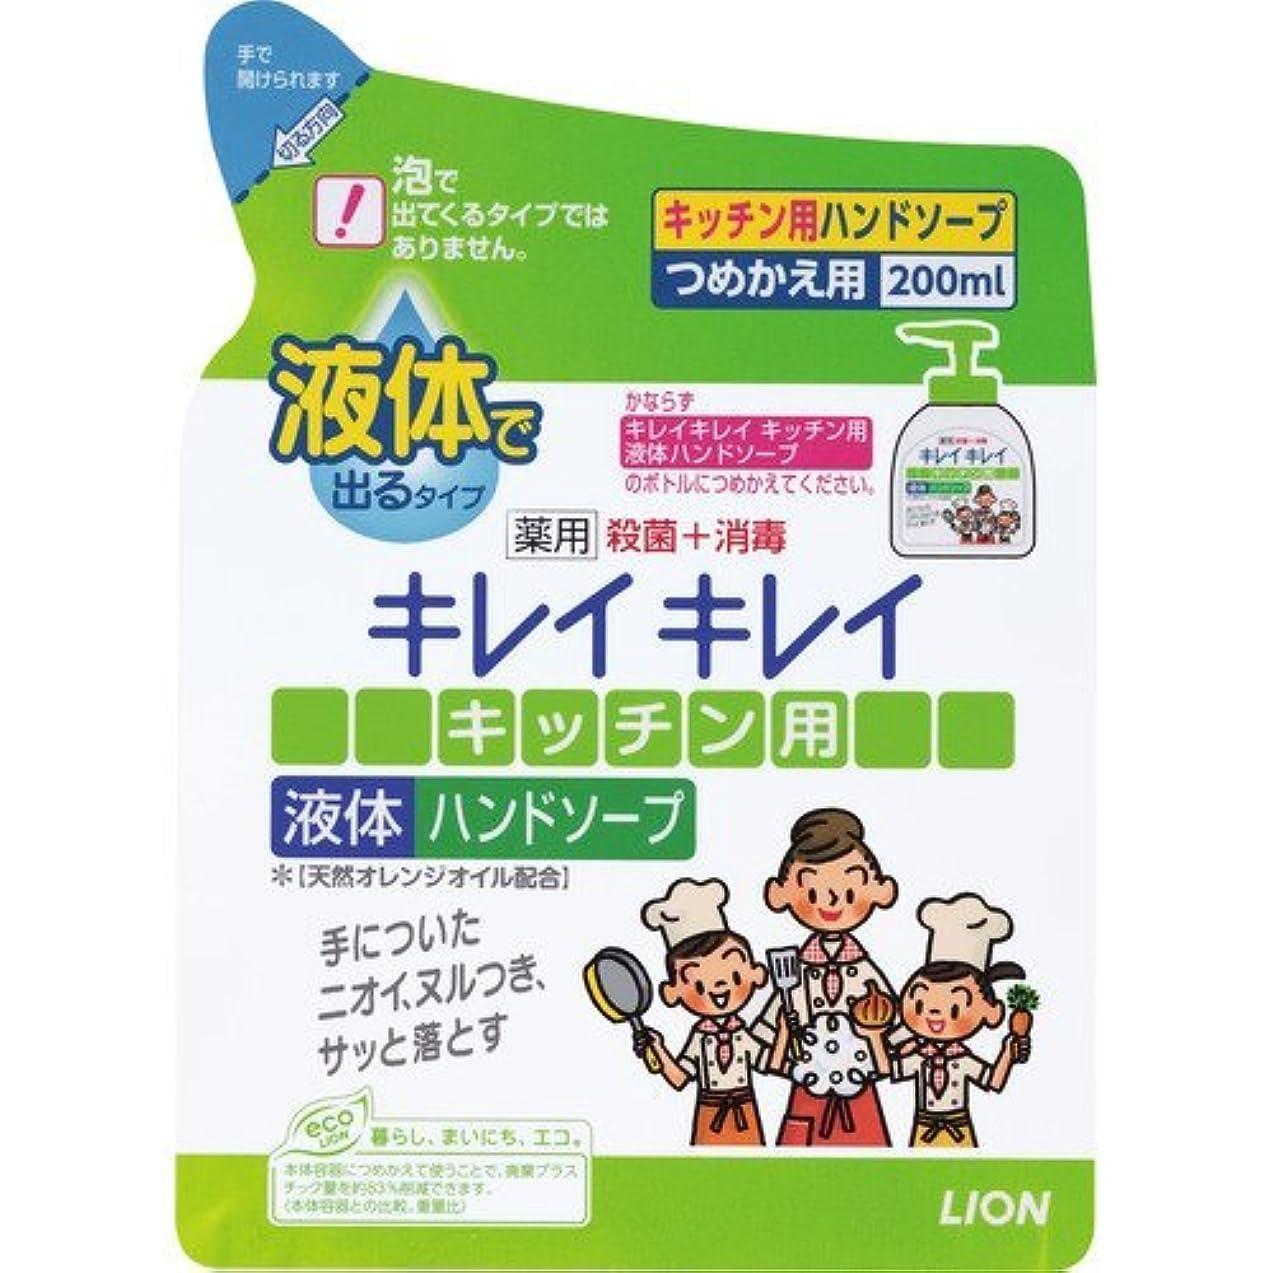 キレイキレイ 薬用 キッチンハンドソープ 詰め替え 200ml(医薬部外品)